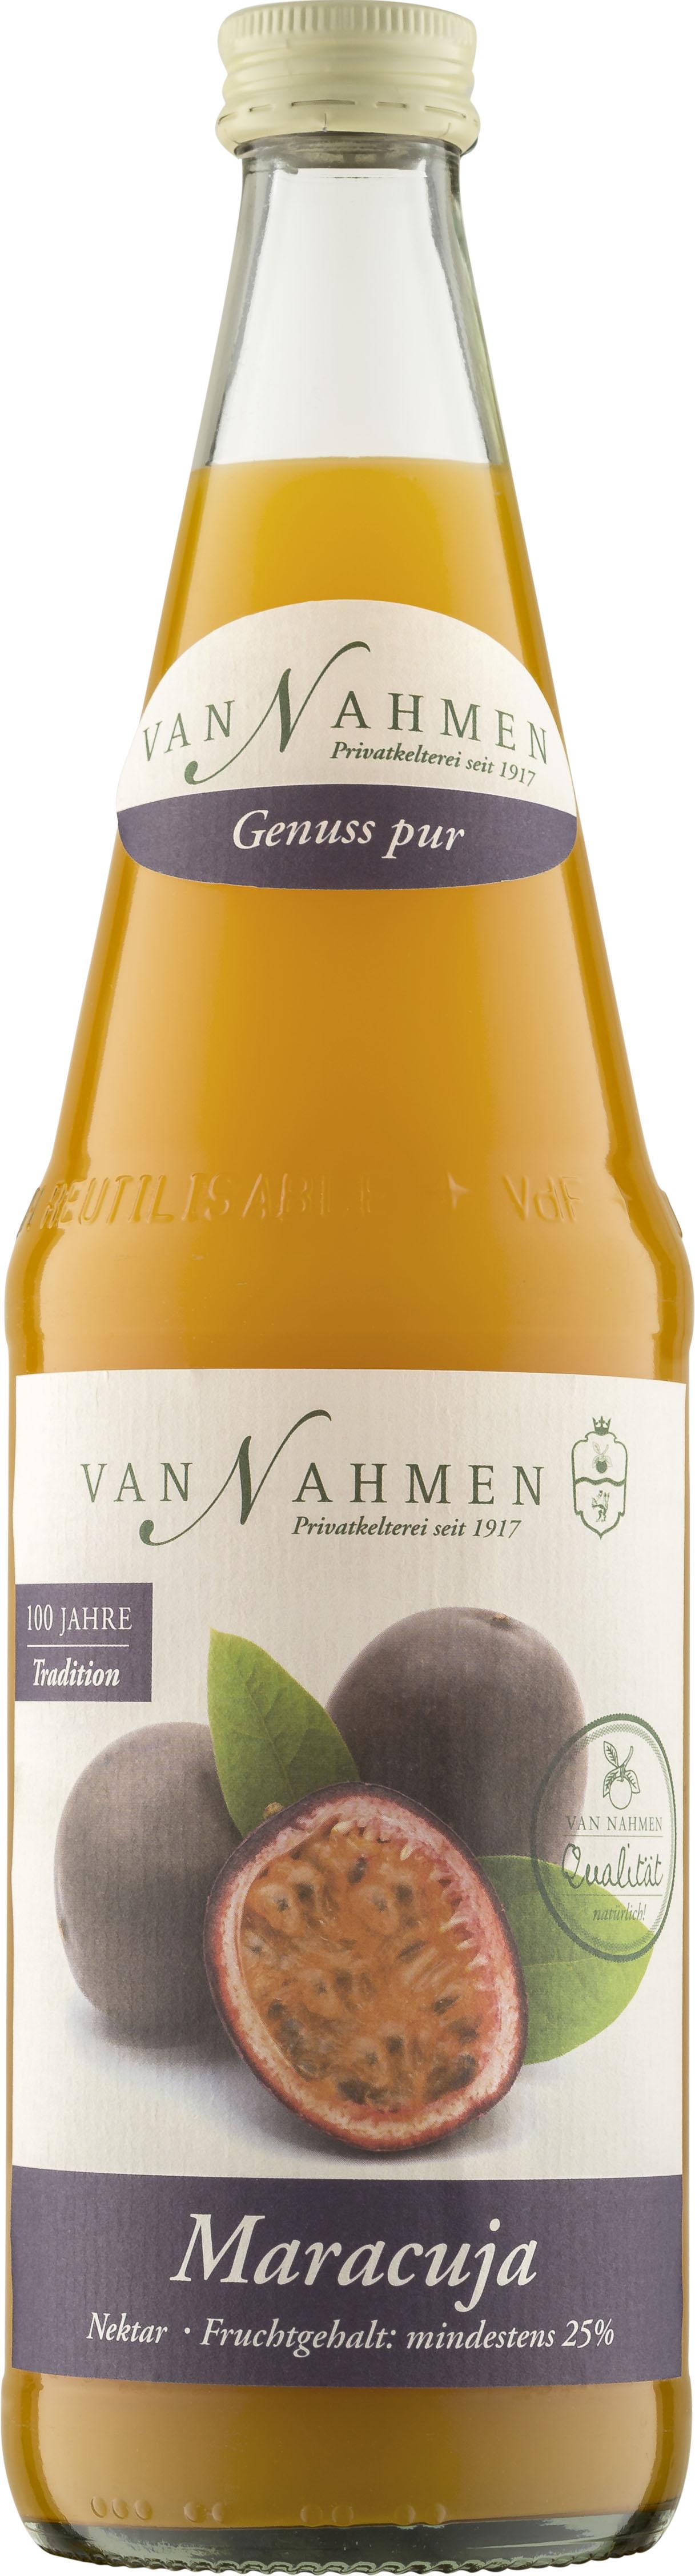 Van Nahmen Maracuja-Nektar